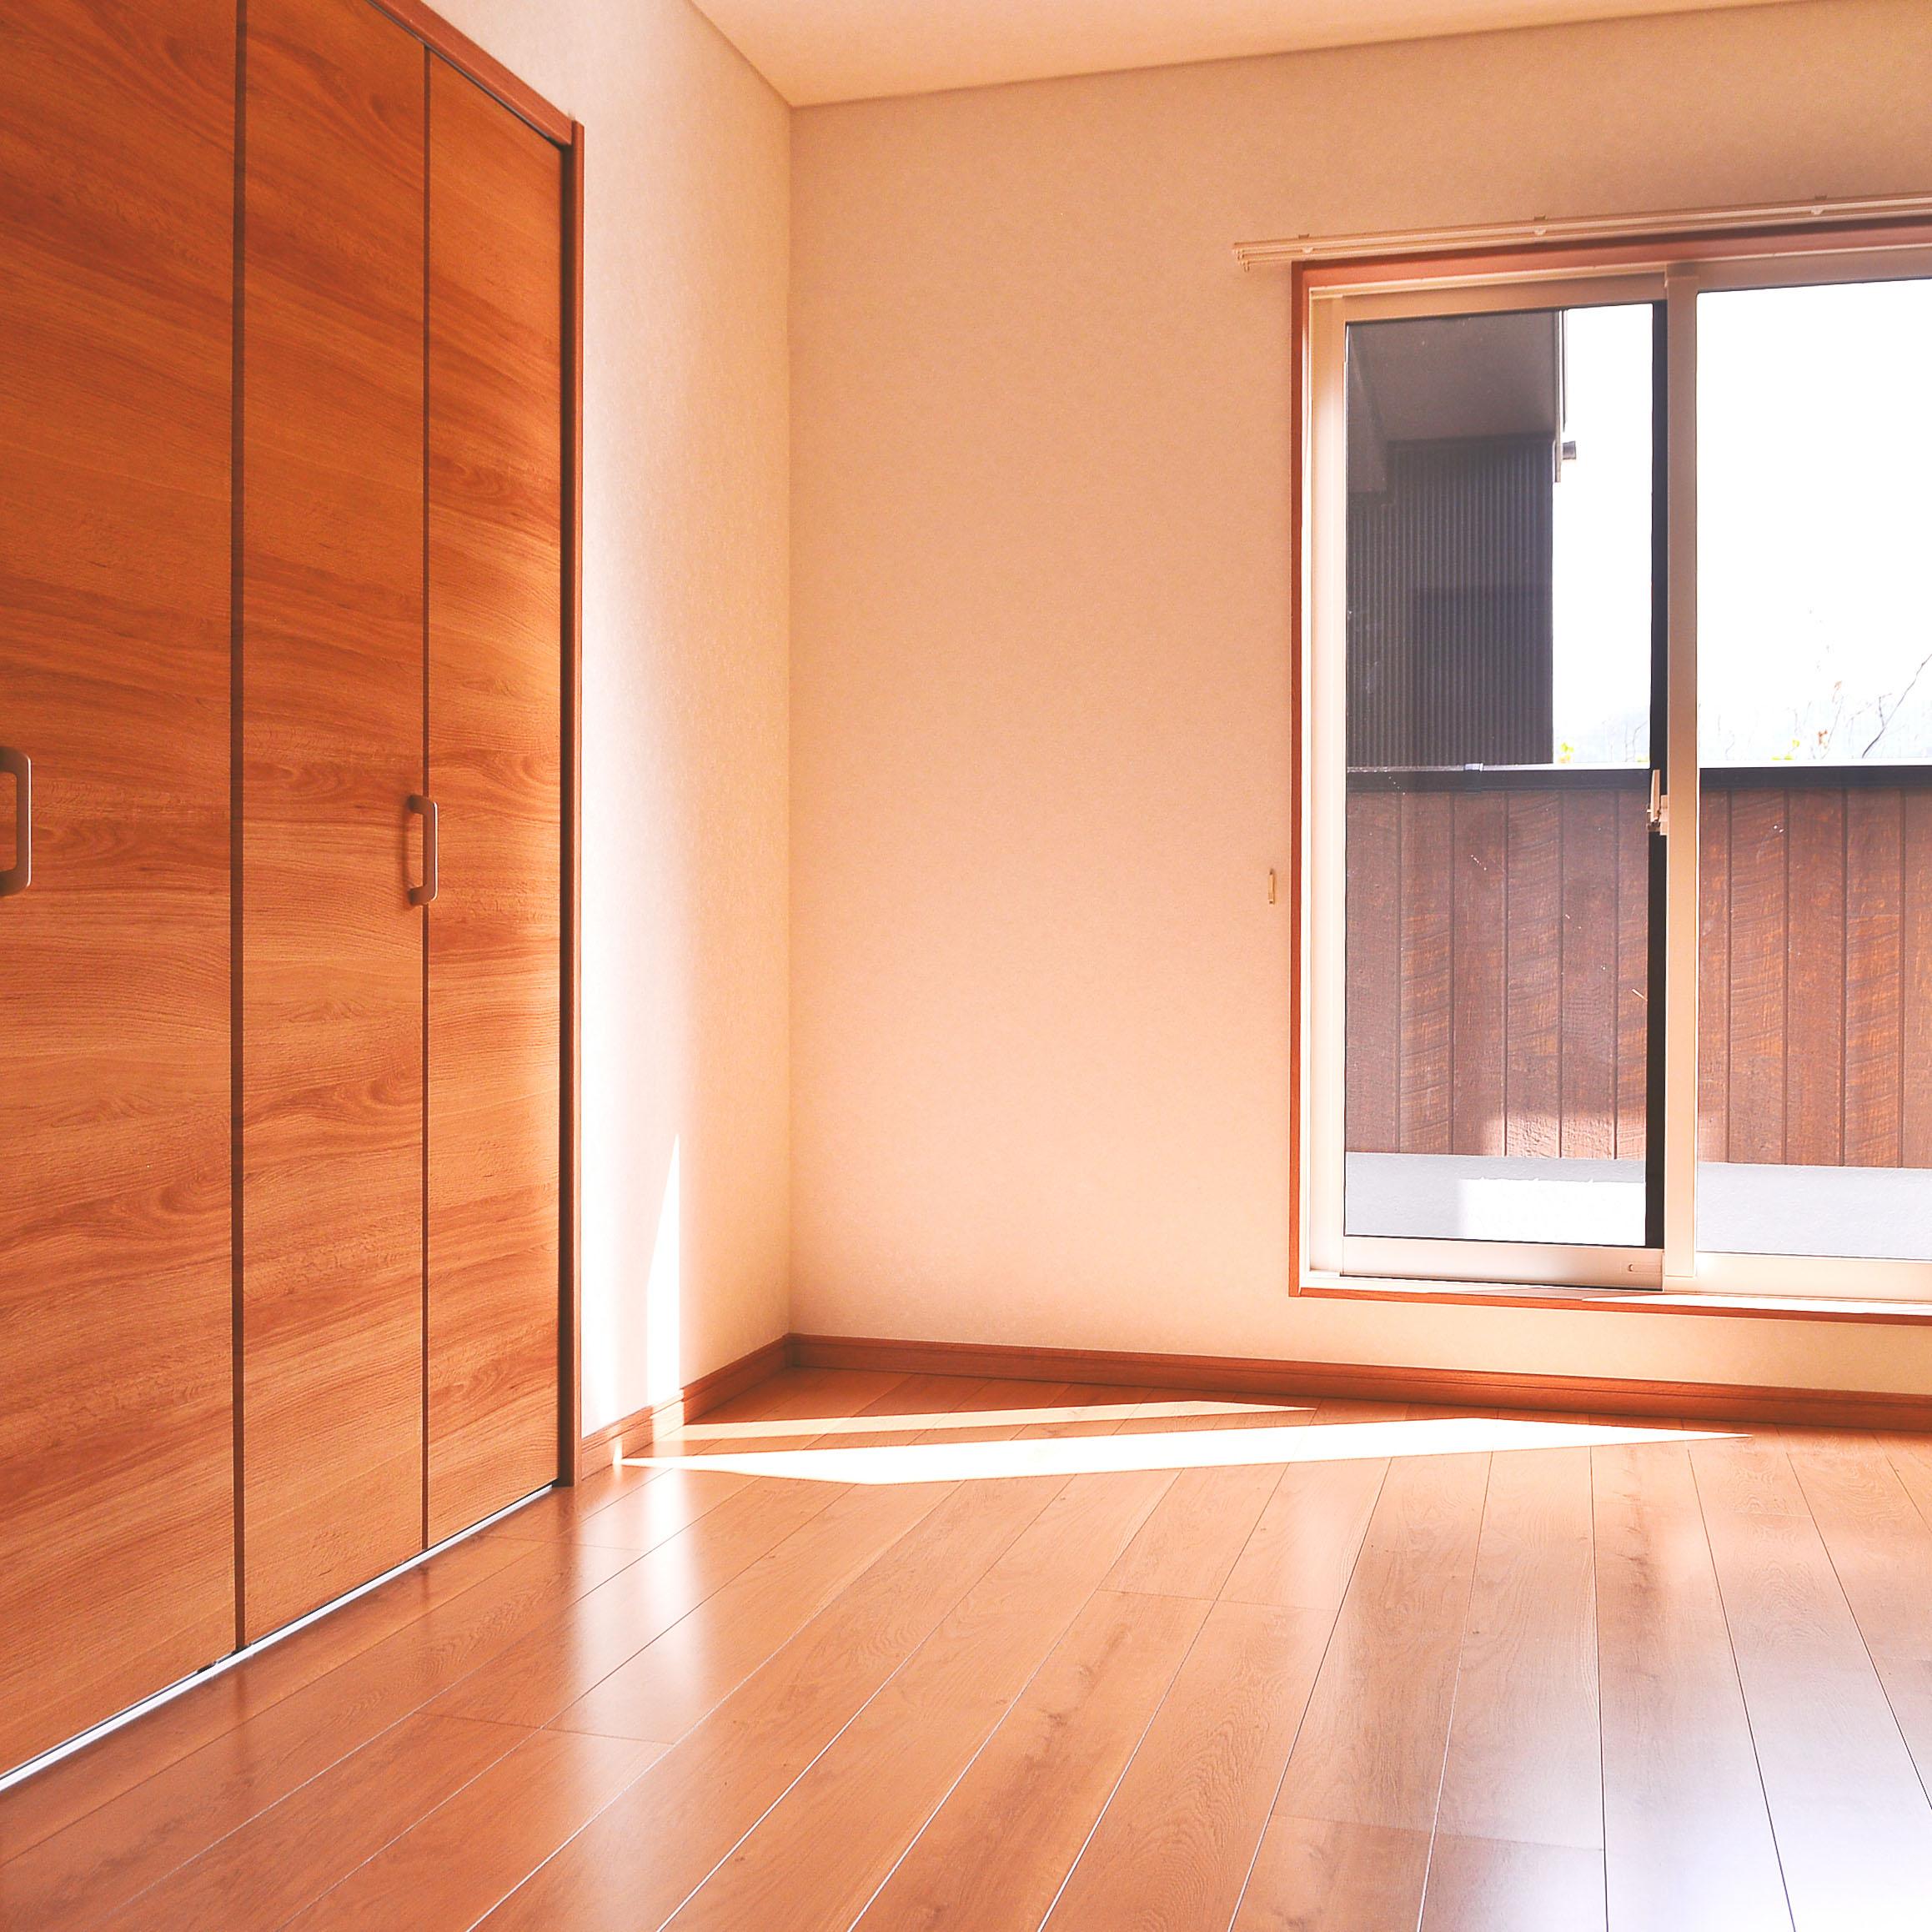 鳥取で建築写真や竣工写真の撮影をするならマジカルフォトワークを紹介する写真-鳥取建築写真-12